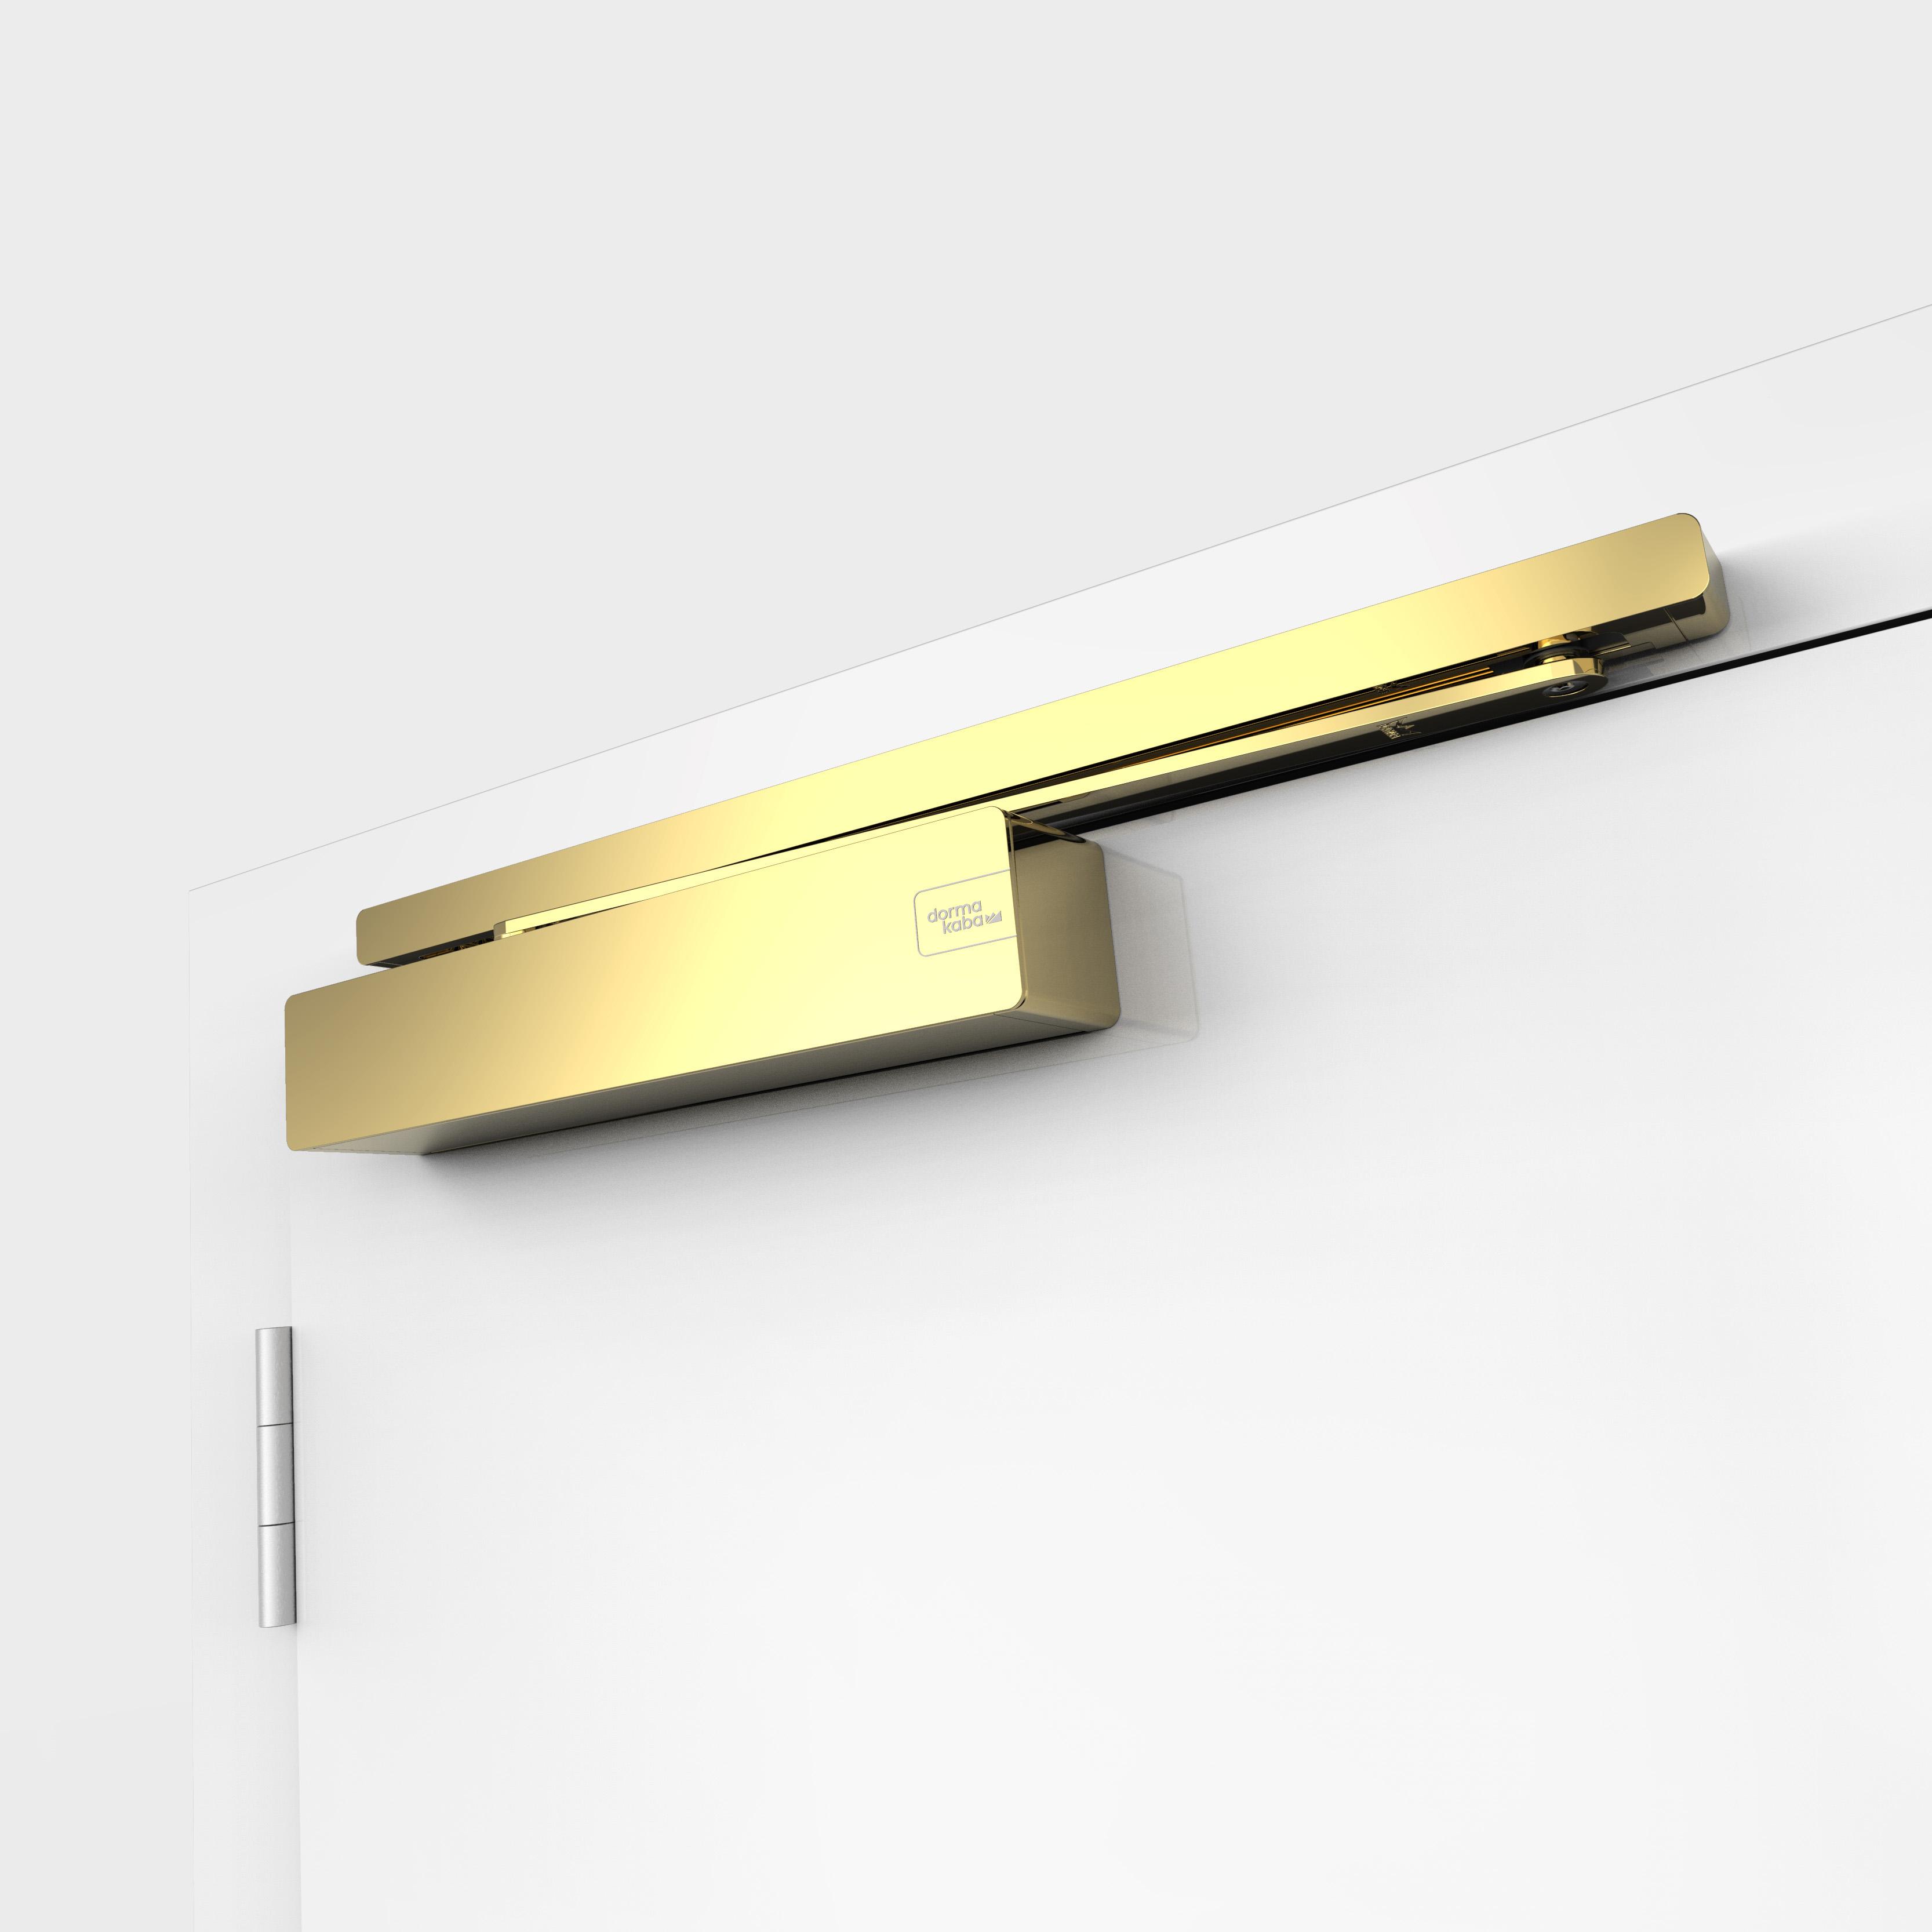 Visualisierung Produkt Gold